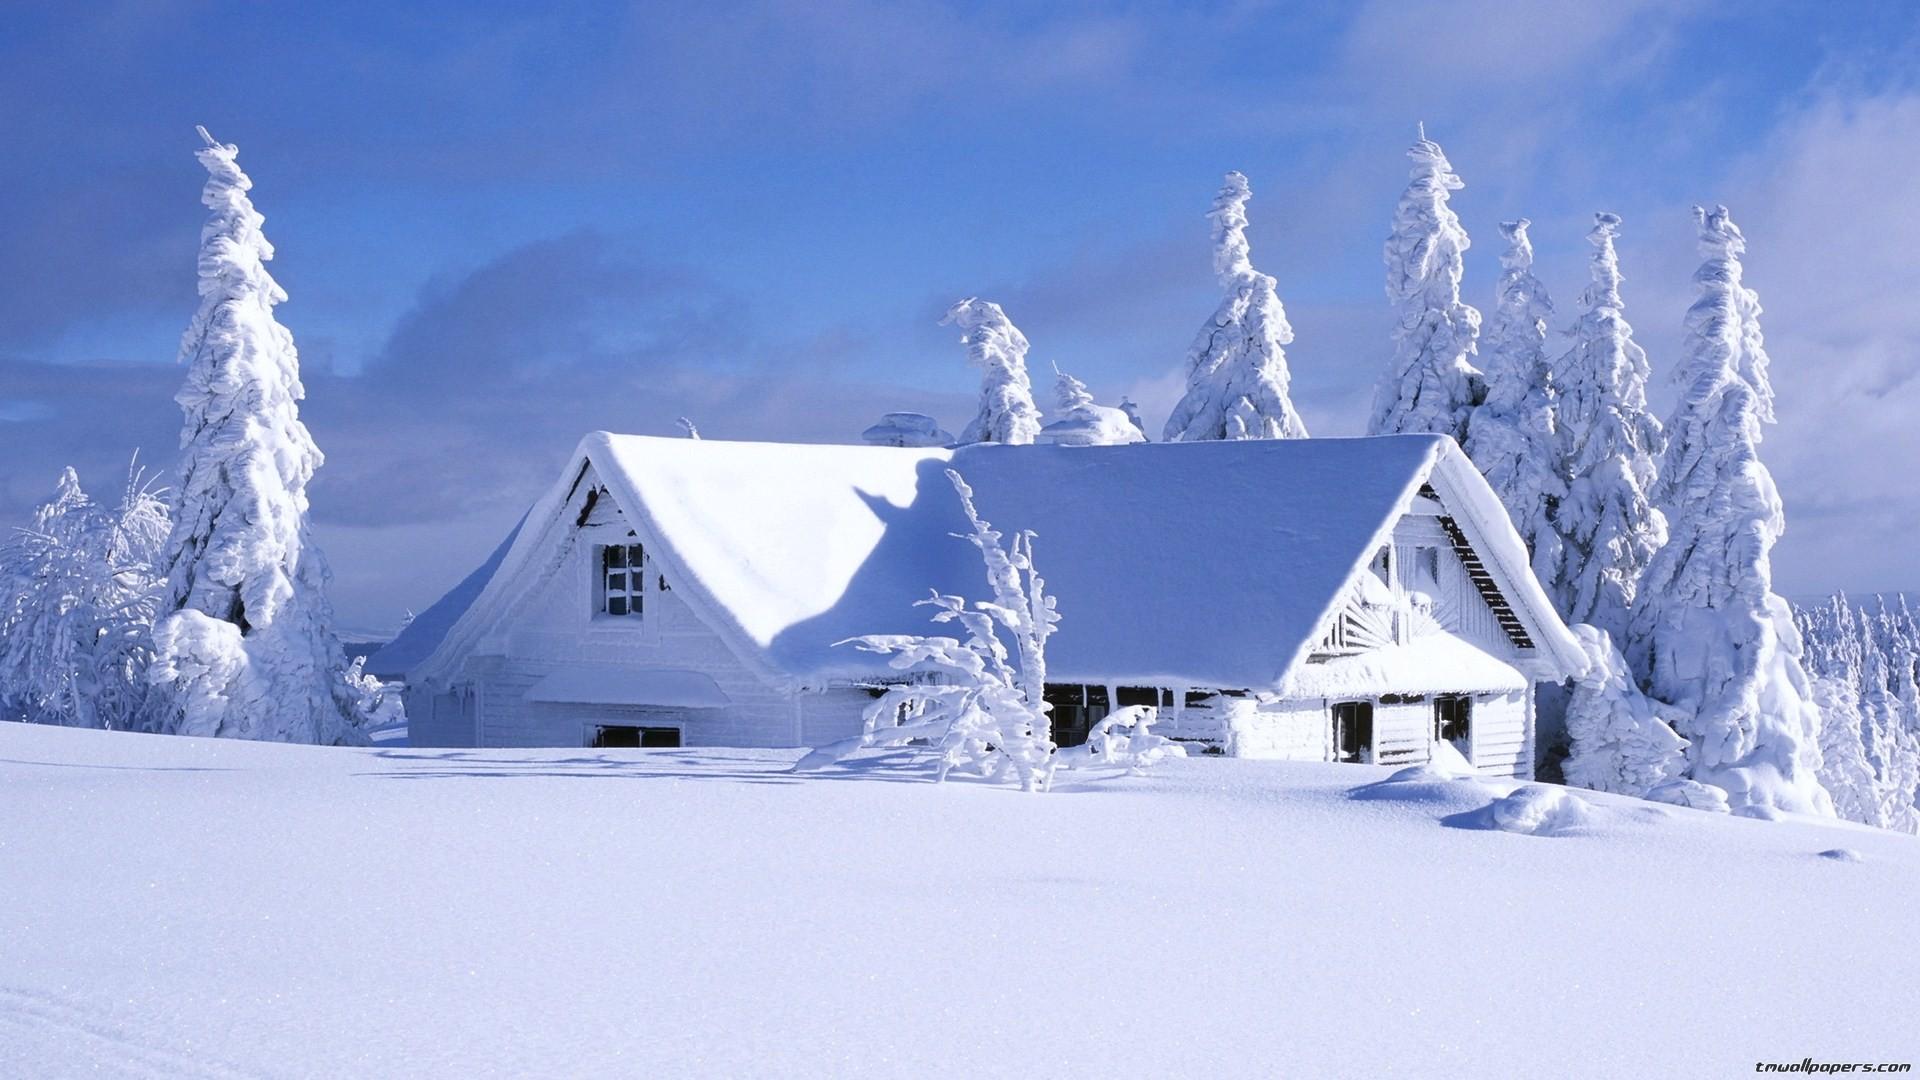 Sfondi desktop inverno 42 immagini for Immagini per desktop inverno